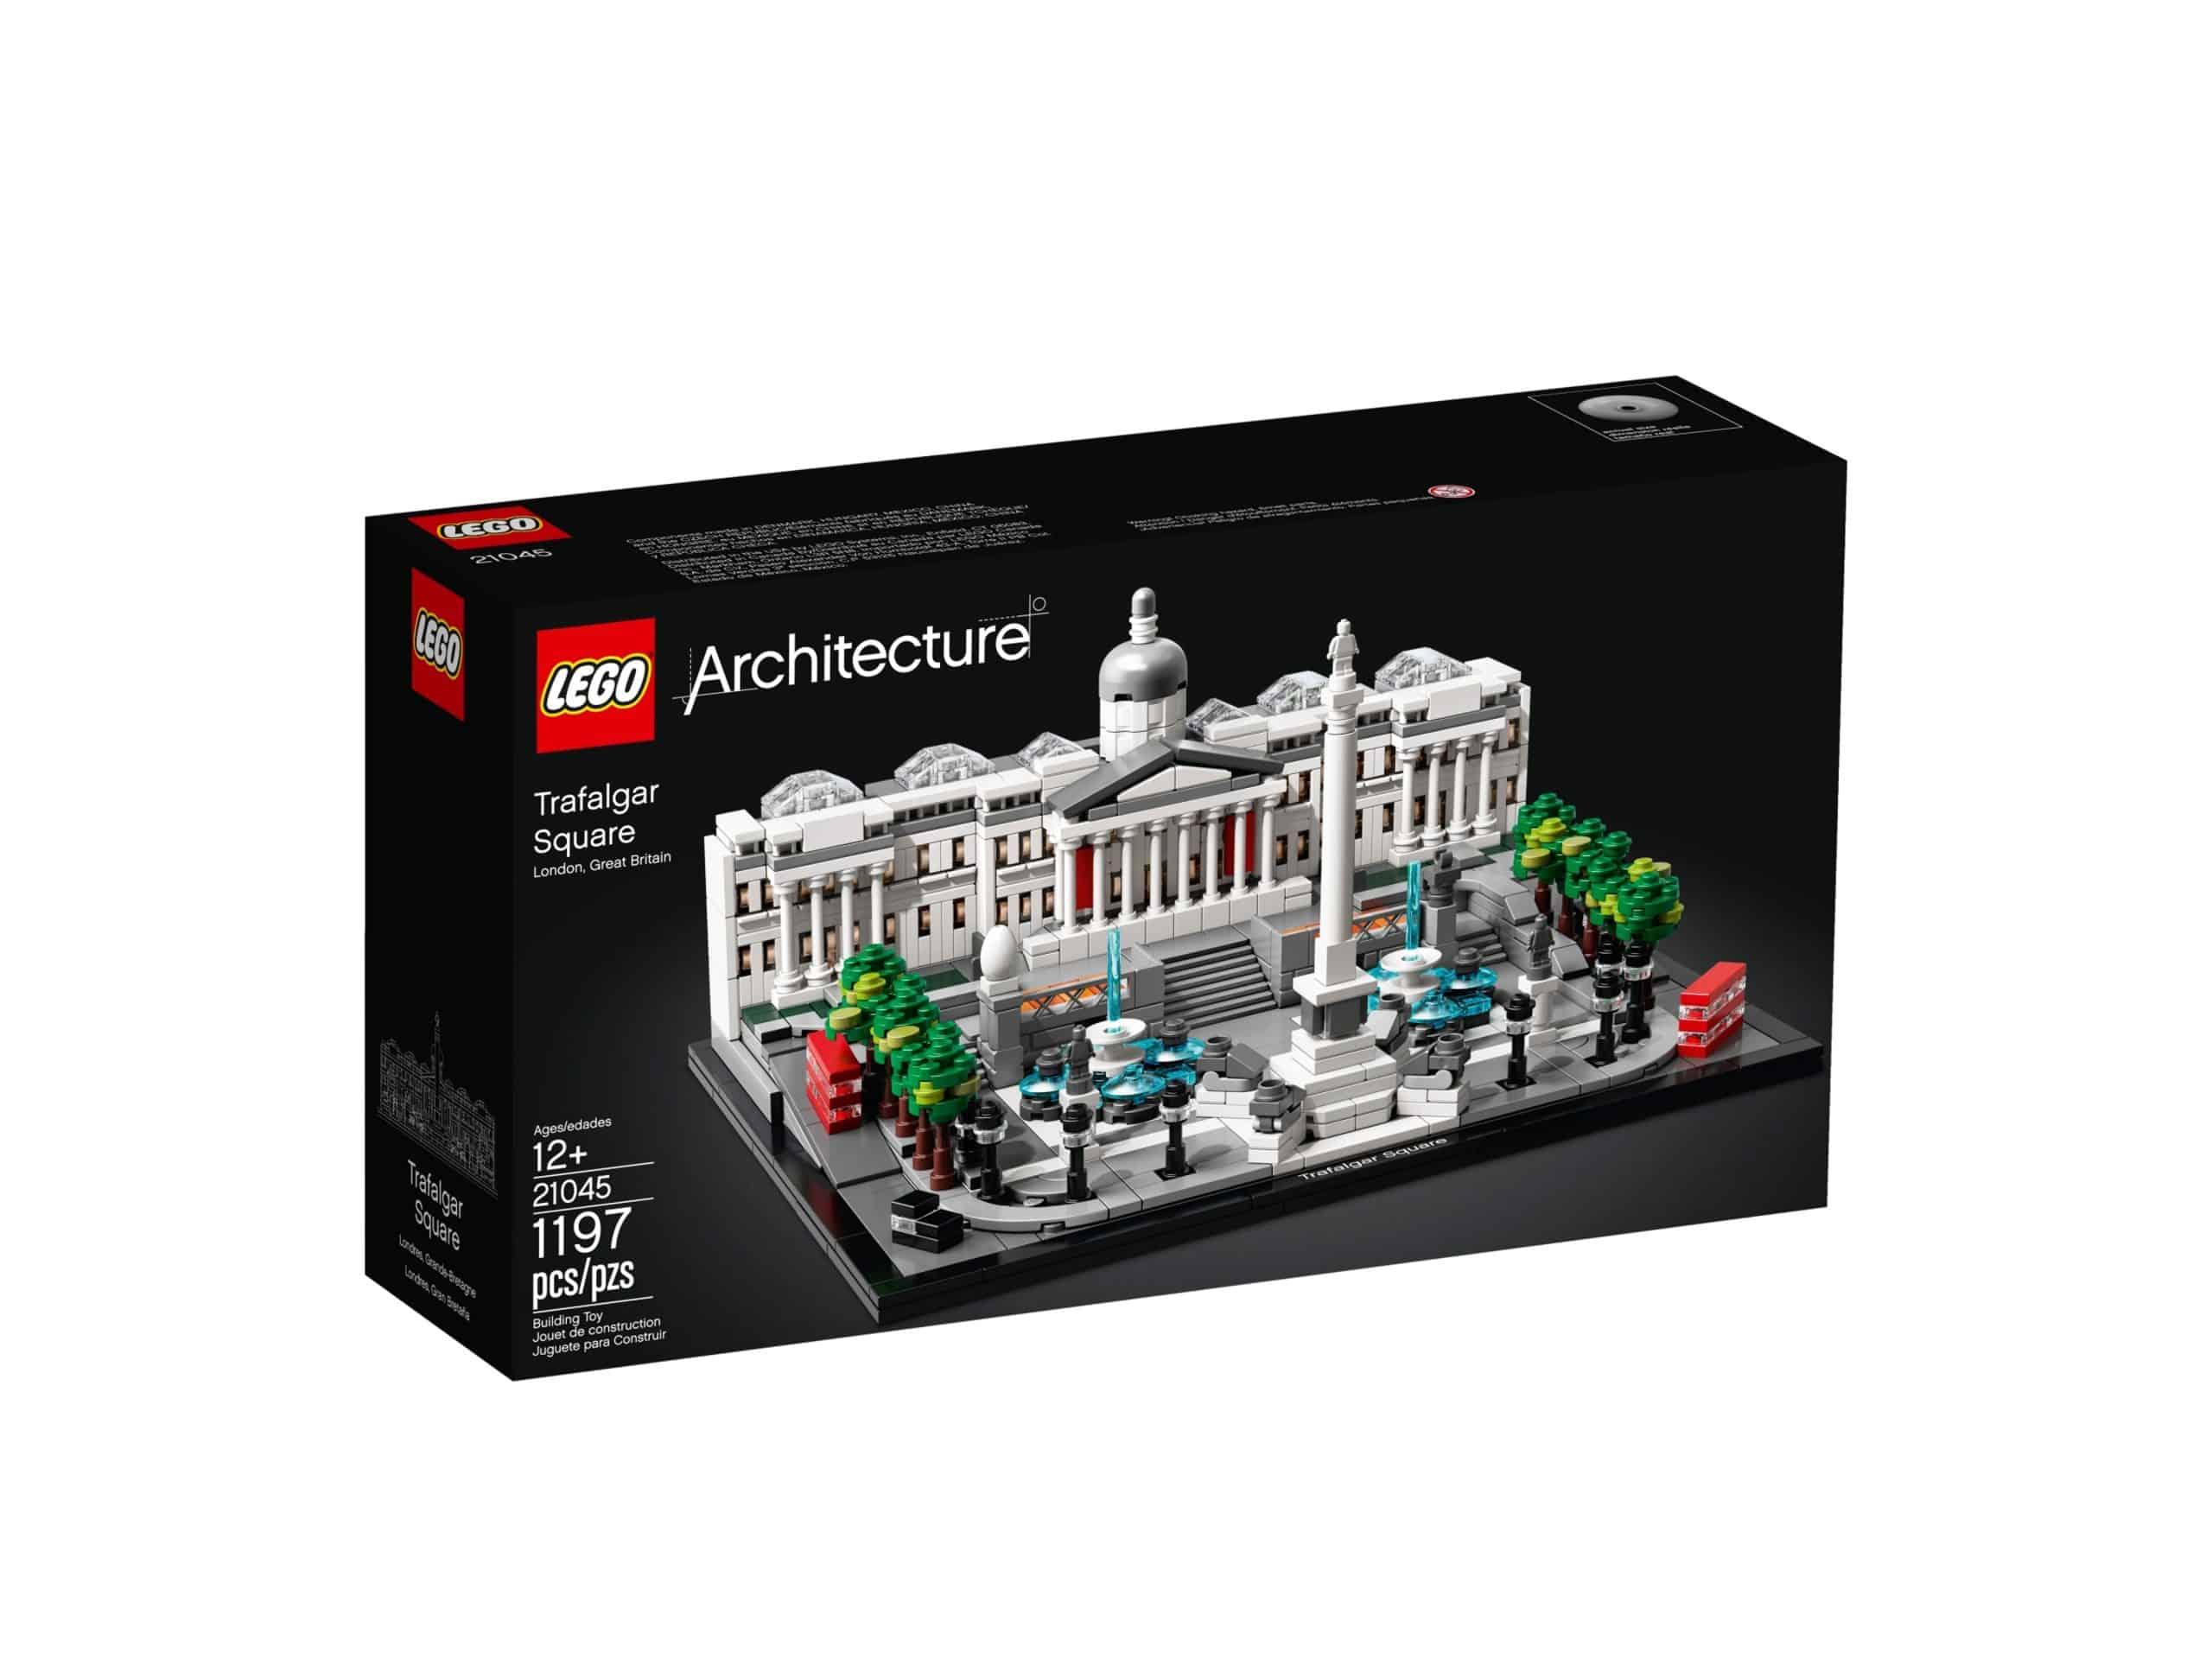 lego 21045 trafalgar square scaled